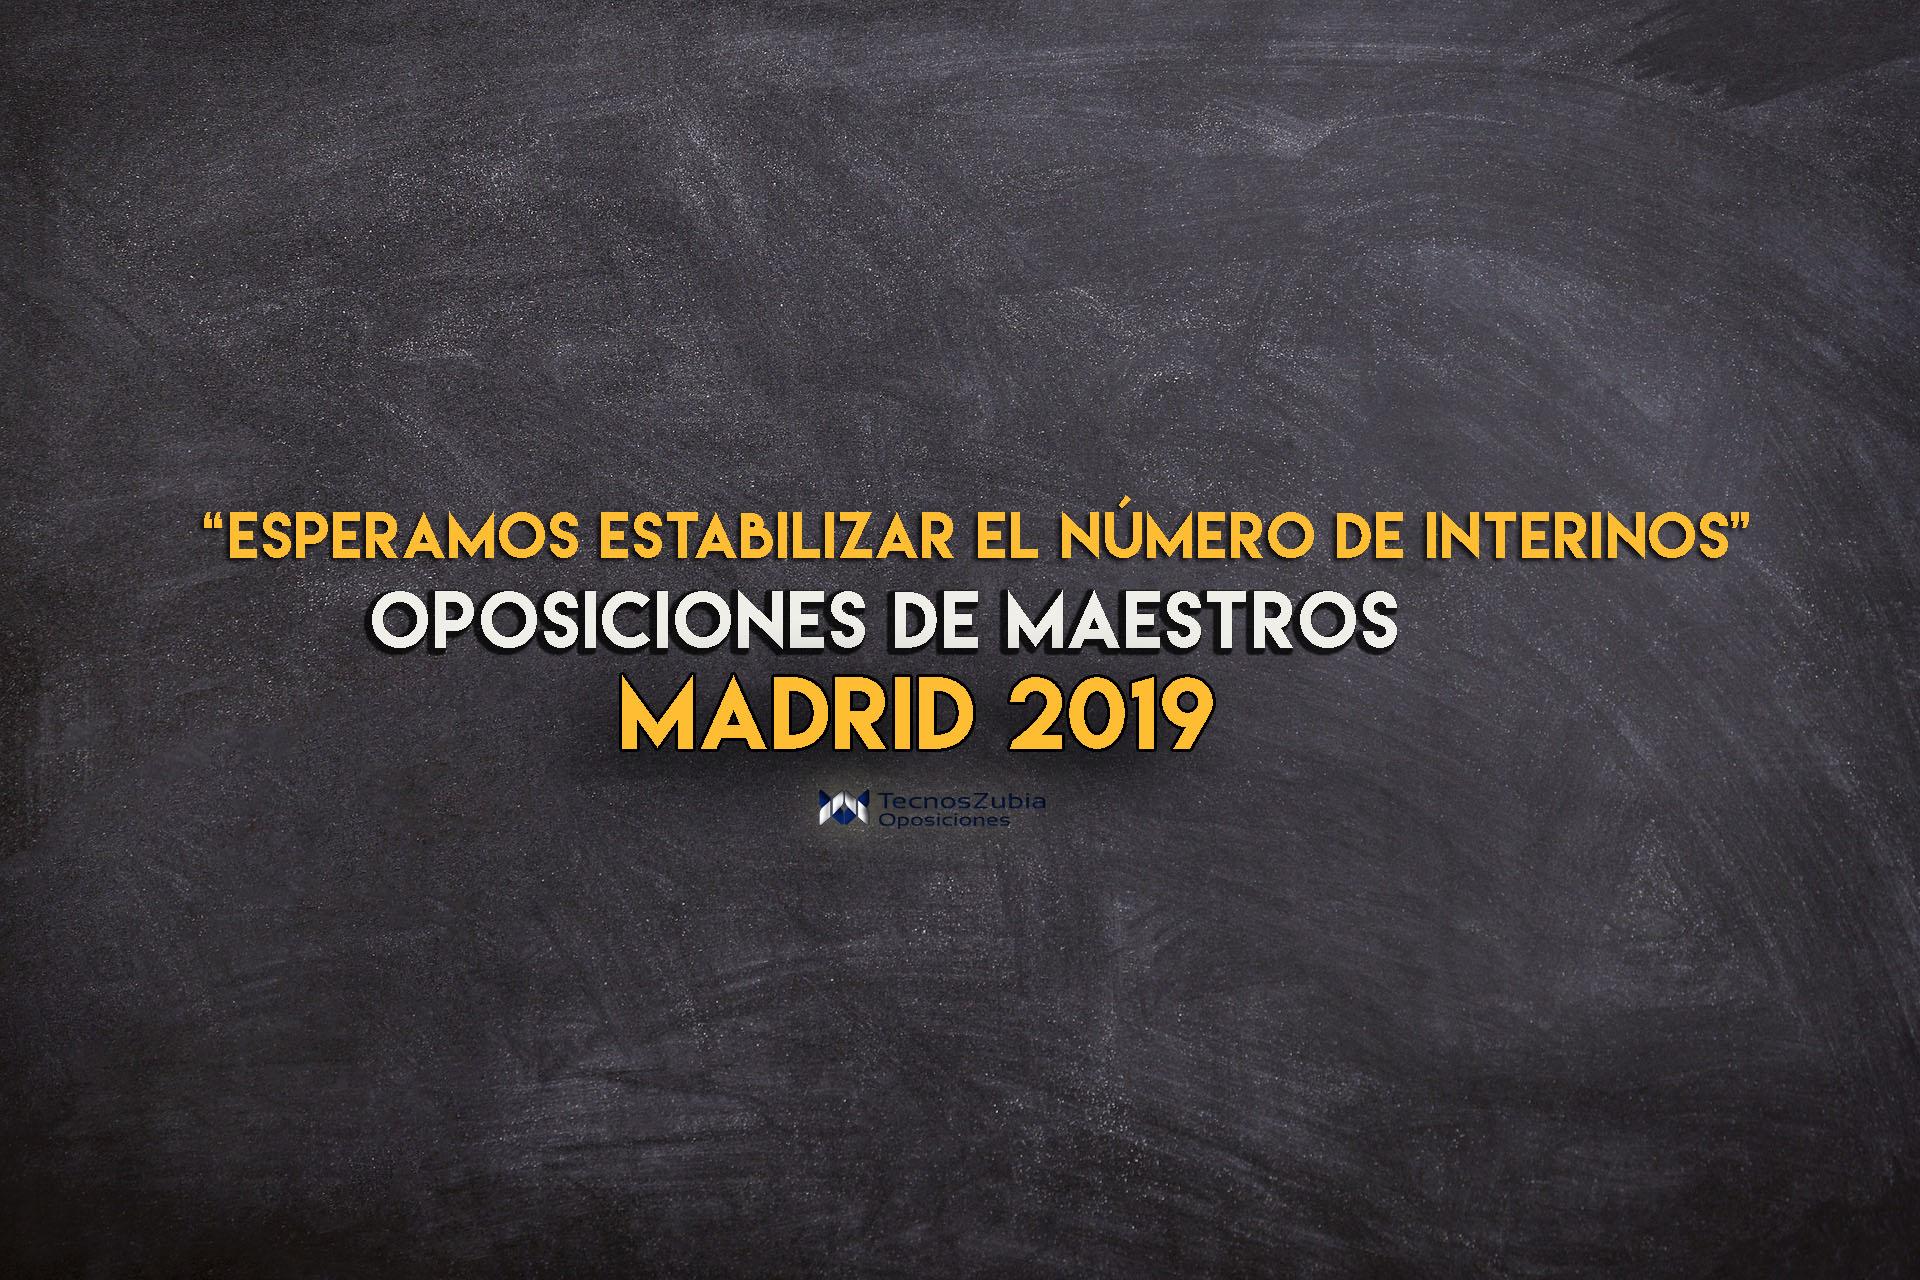 oposiciones de maestros en Madrid 2019: anunciadas